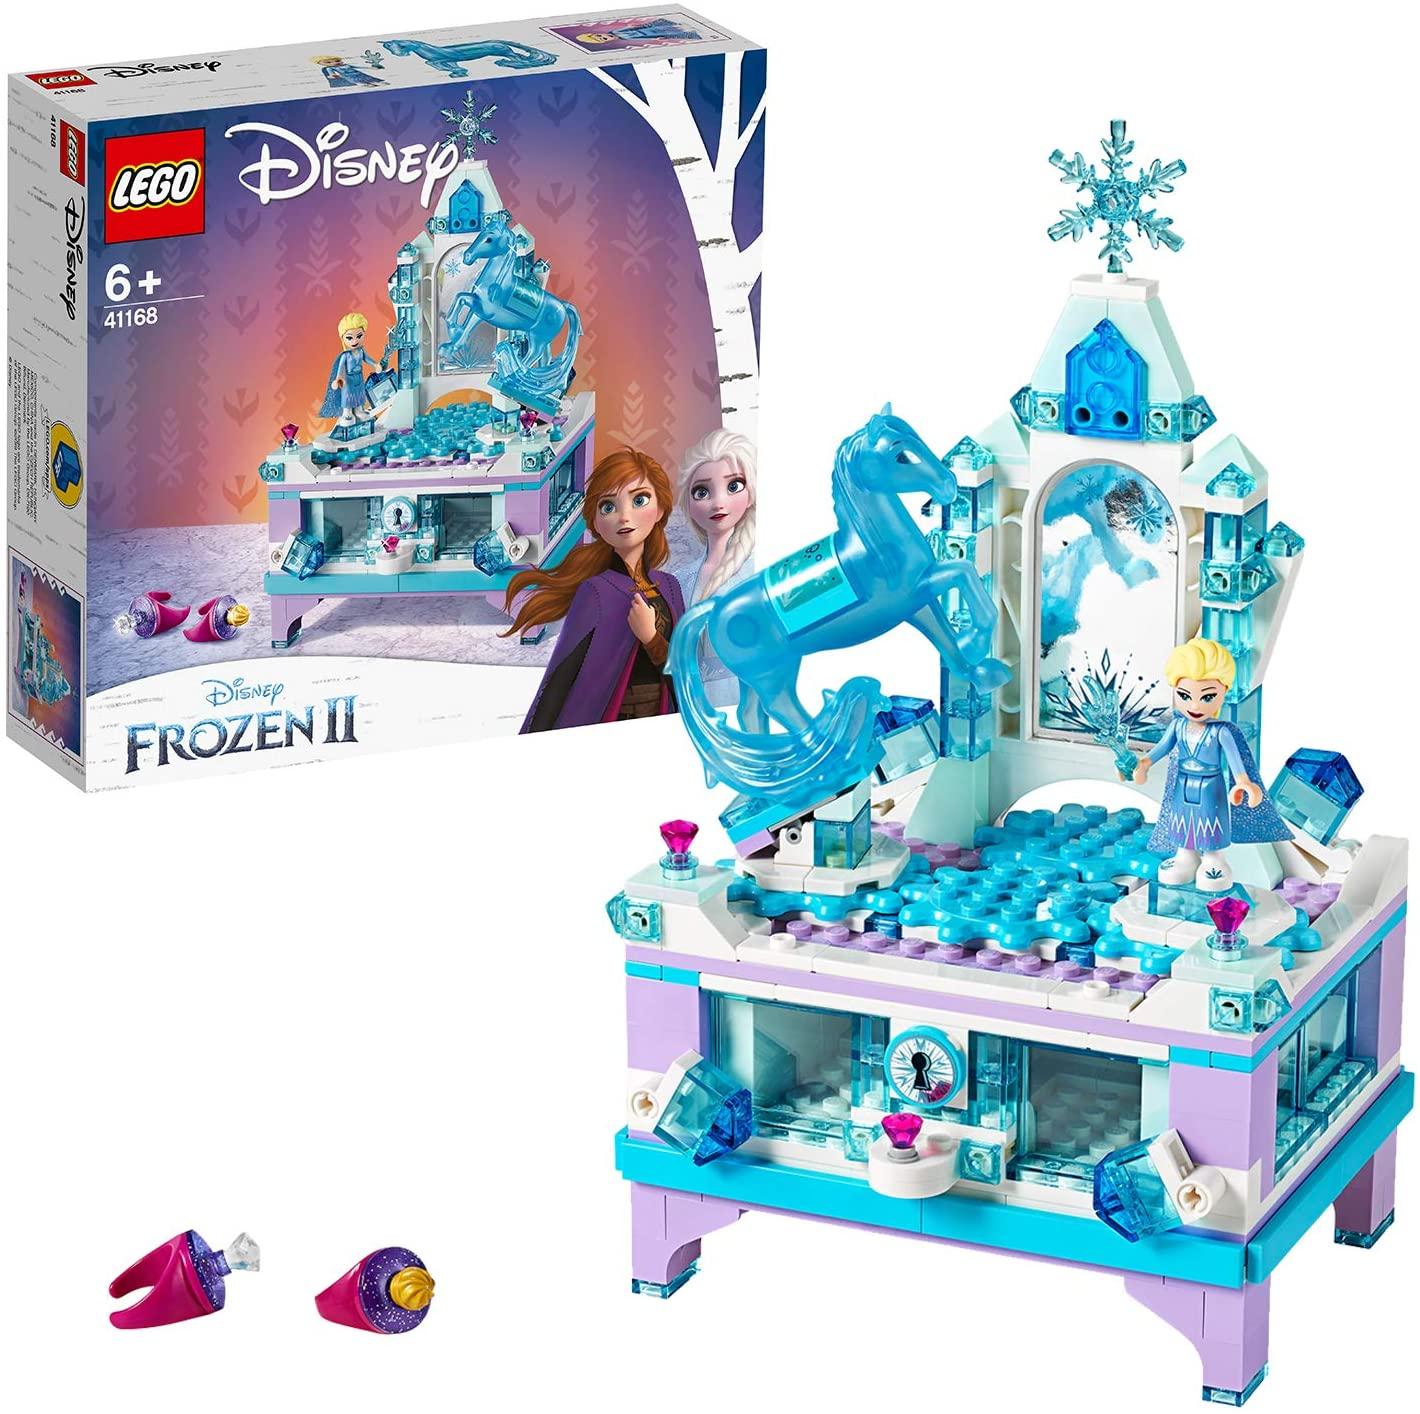 Lego 6251060 Lego Disney Frozen Lego Disney Frozen Elsa'S Sieradendooscreatie - 41168